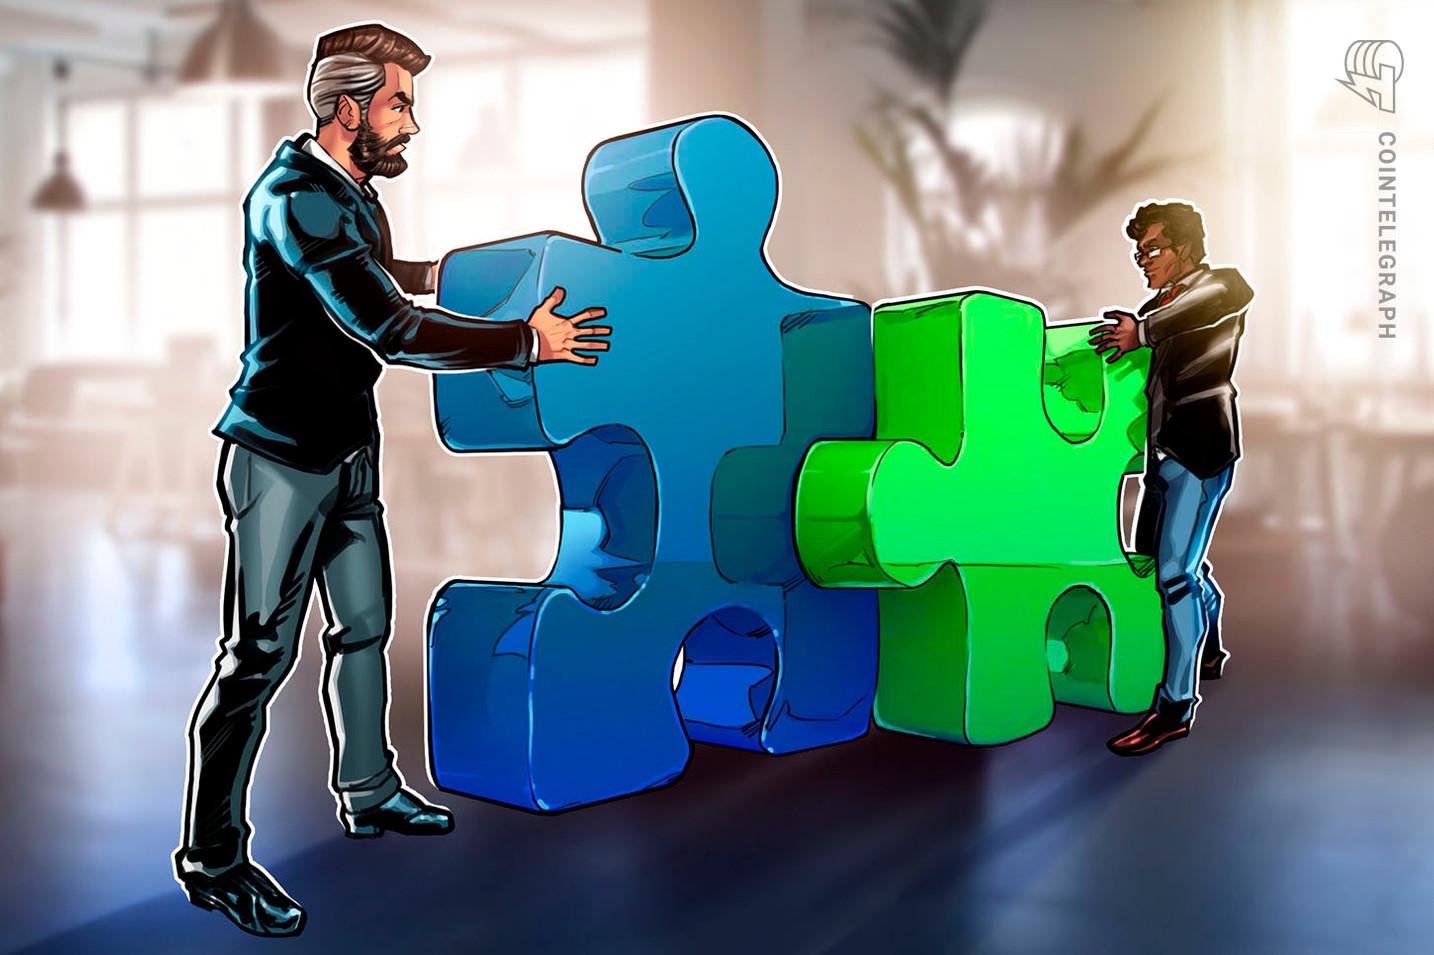 Wiener Blockchain-Startup Riddle & Code und Deloitte vertiefen Partnerschaft